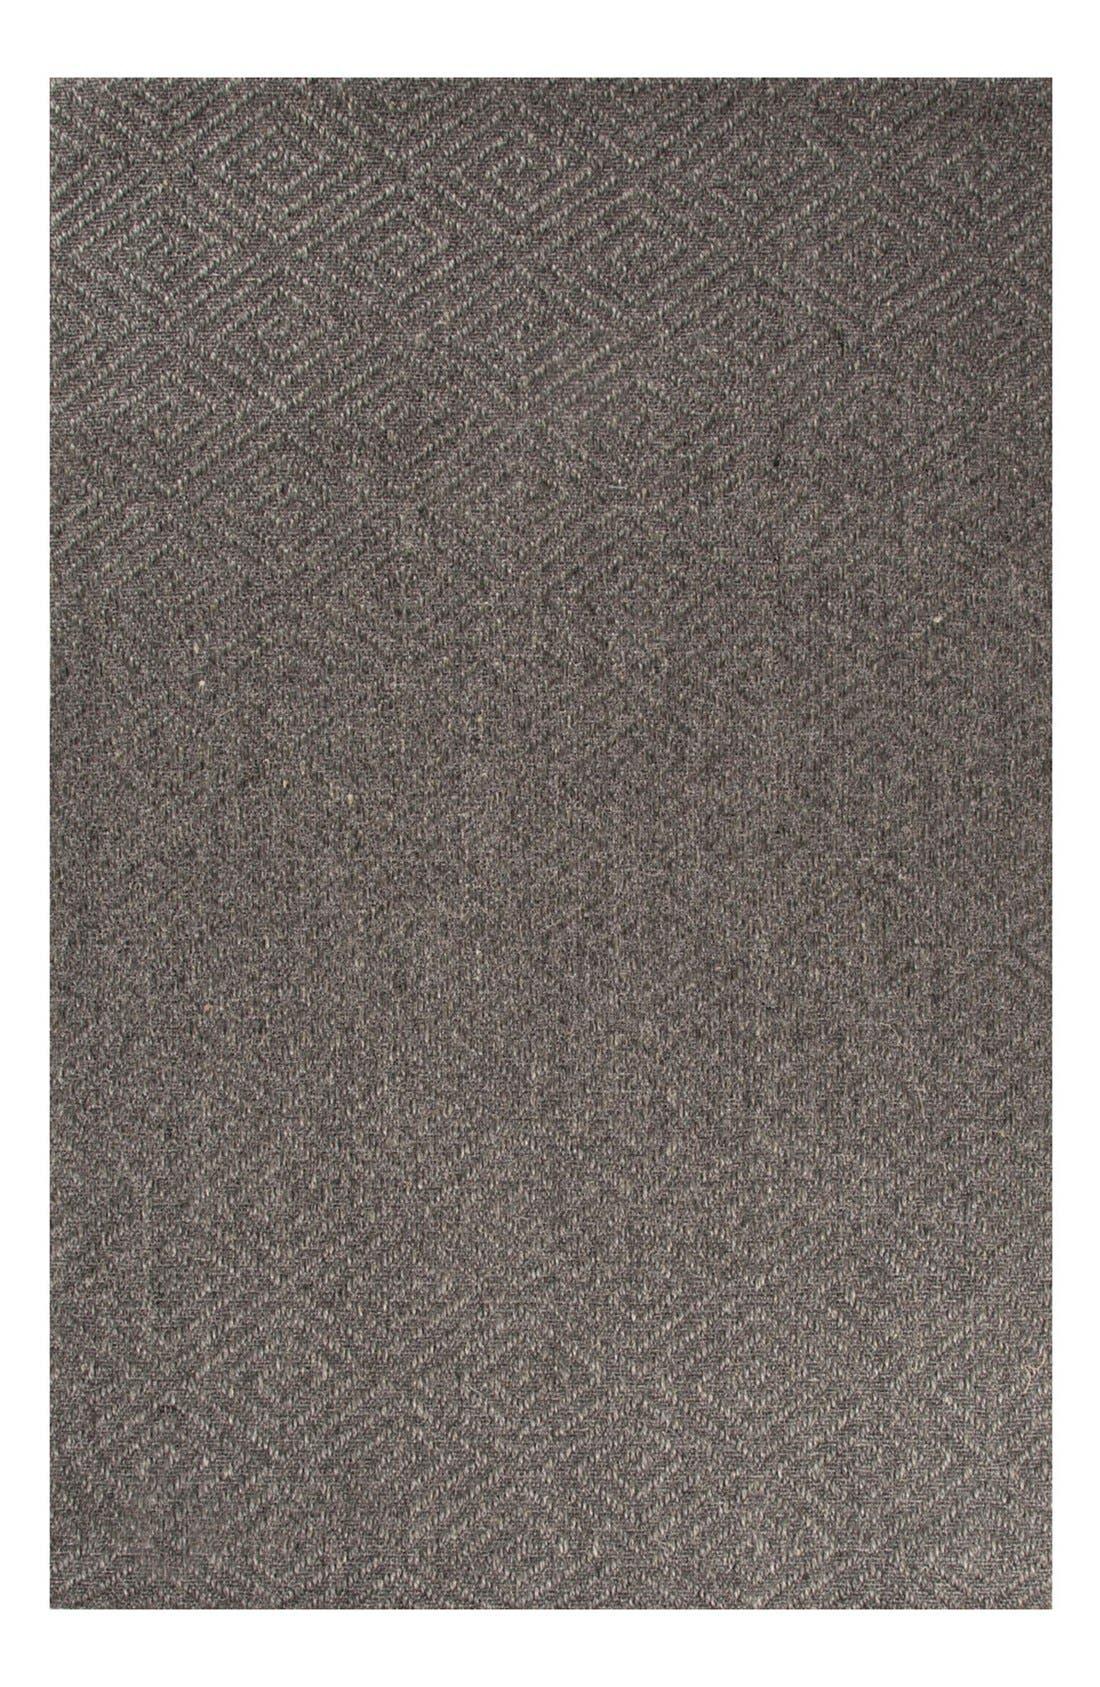 'Tobago Naturals' Hand Woven Rug,                             Main thumbnail 1, color,                             025